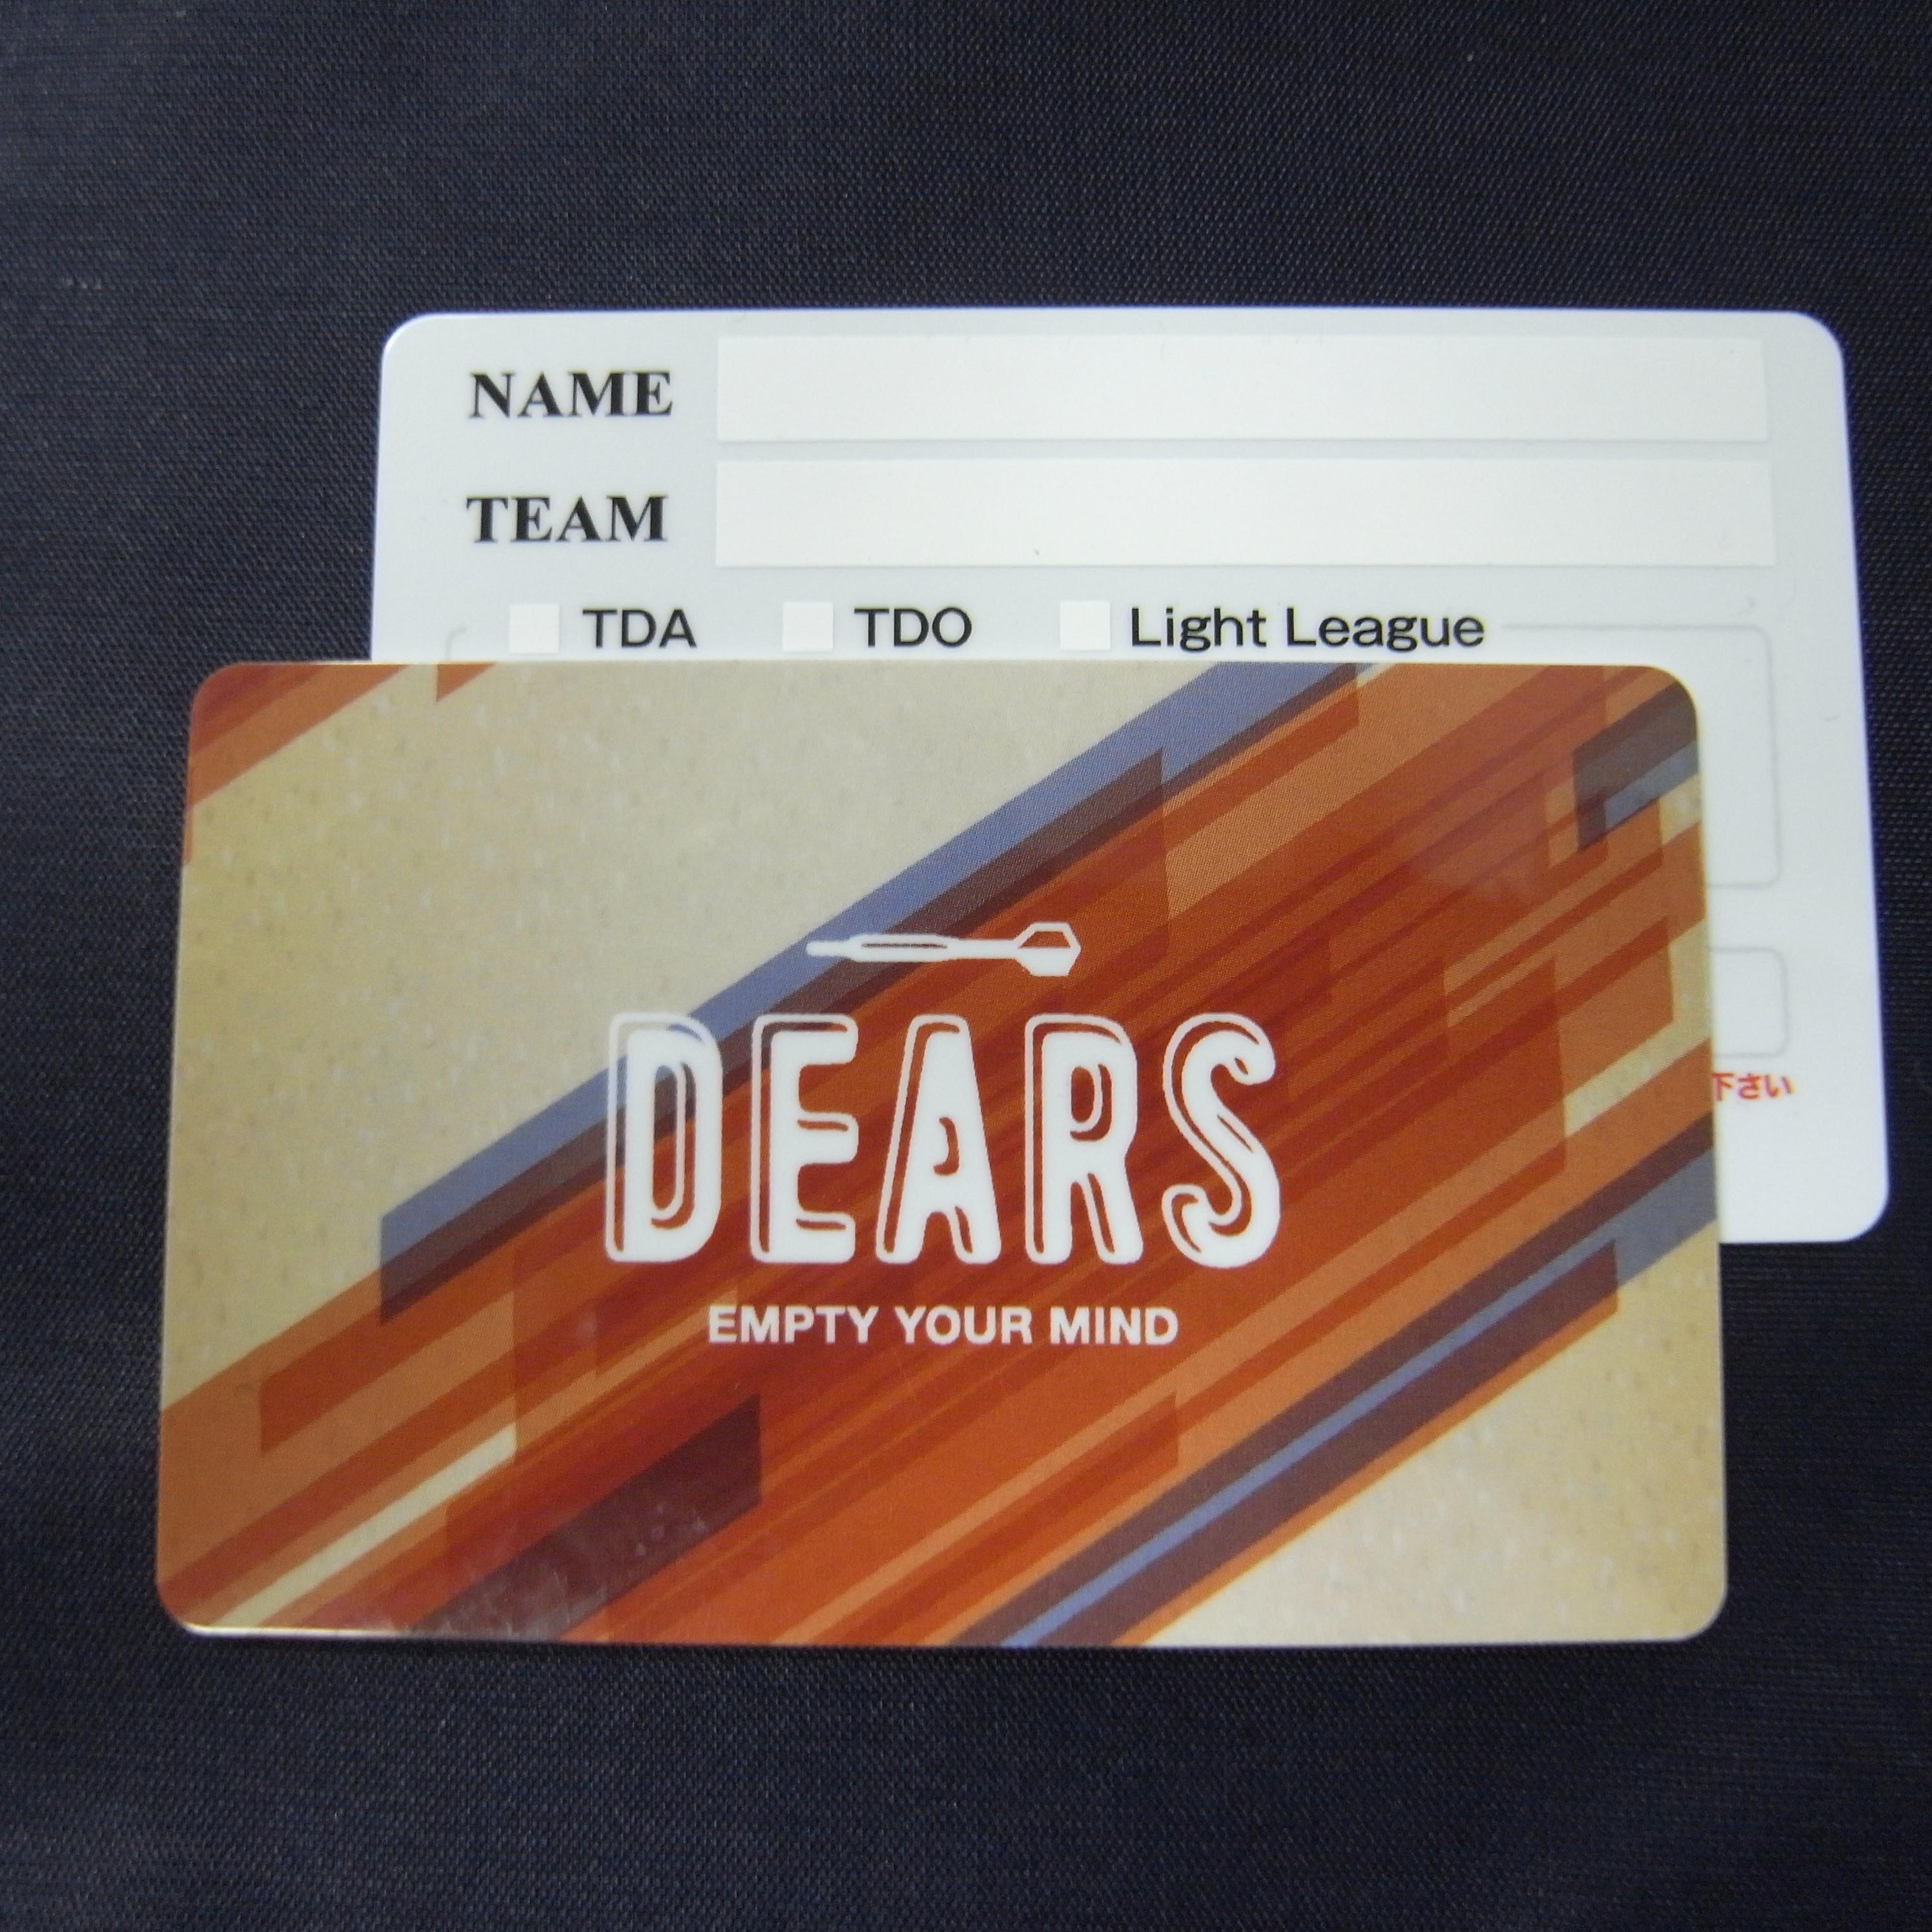 ダーツバー巣鴨ディアス会員カード